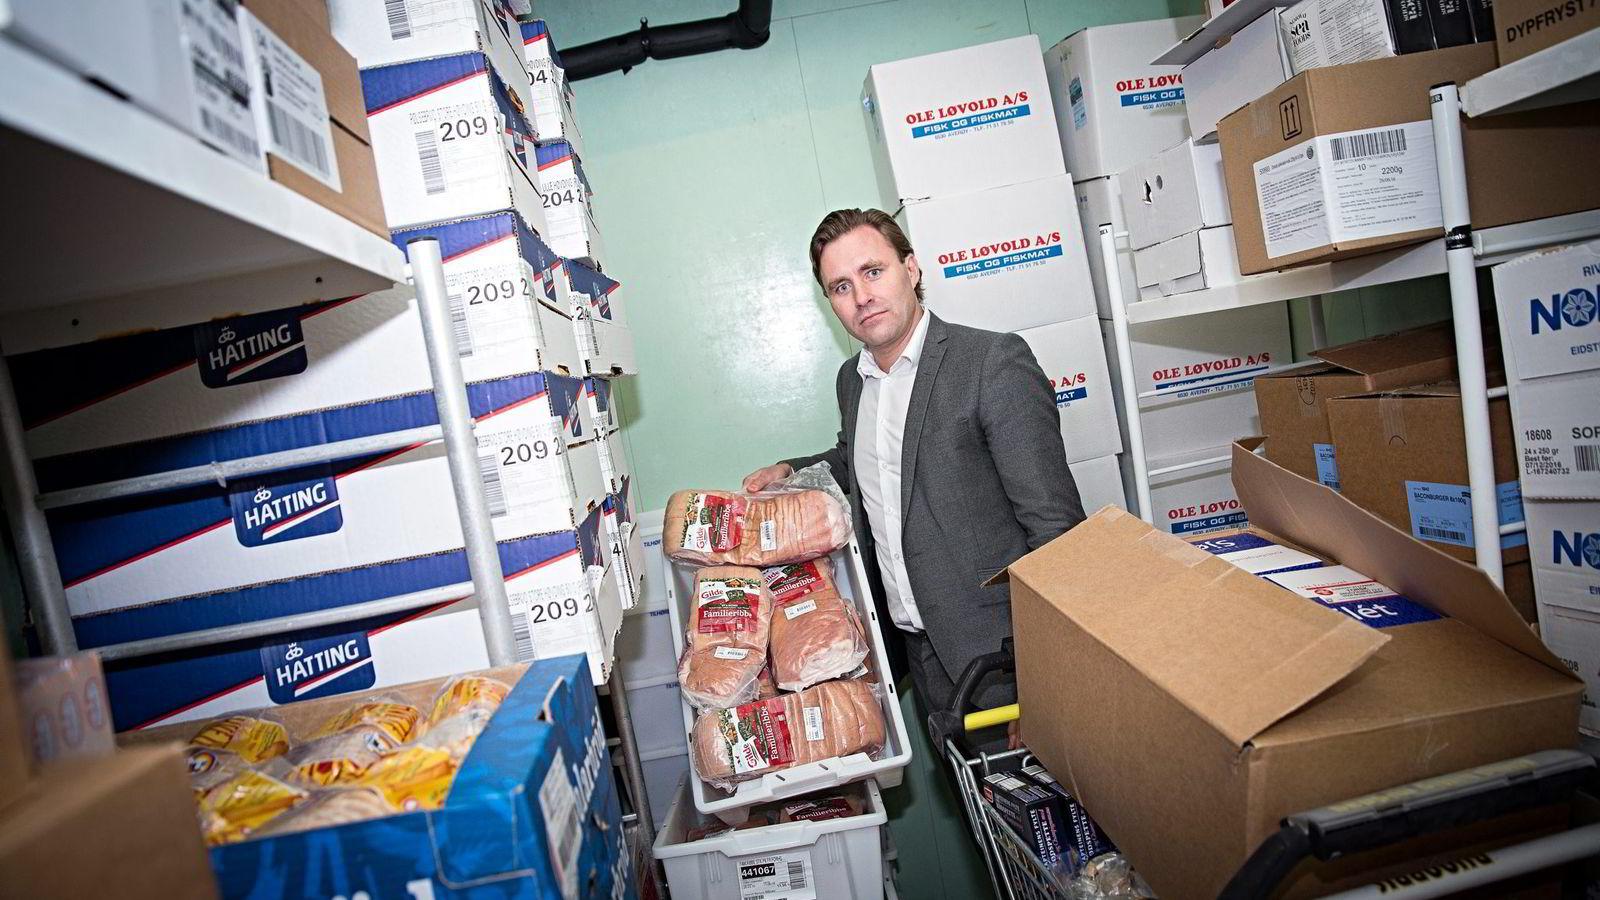 Christian Lykke i dagligvarekjeden Bunnpris er ikke alene om å tape på ribbesalget. Også Coop og Kiwi bekrefter at de taper millioner på billig ribbe. Her er Lykke på fryselageret til en av Bunnpris-butikkene i Trondheim.